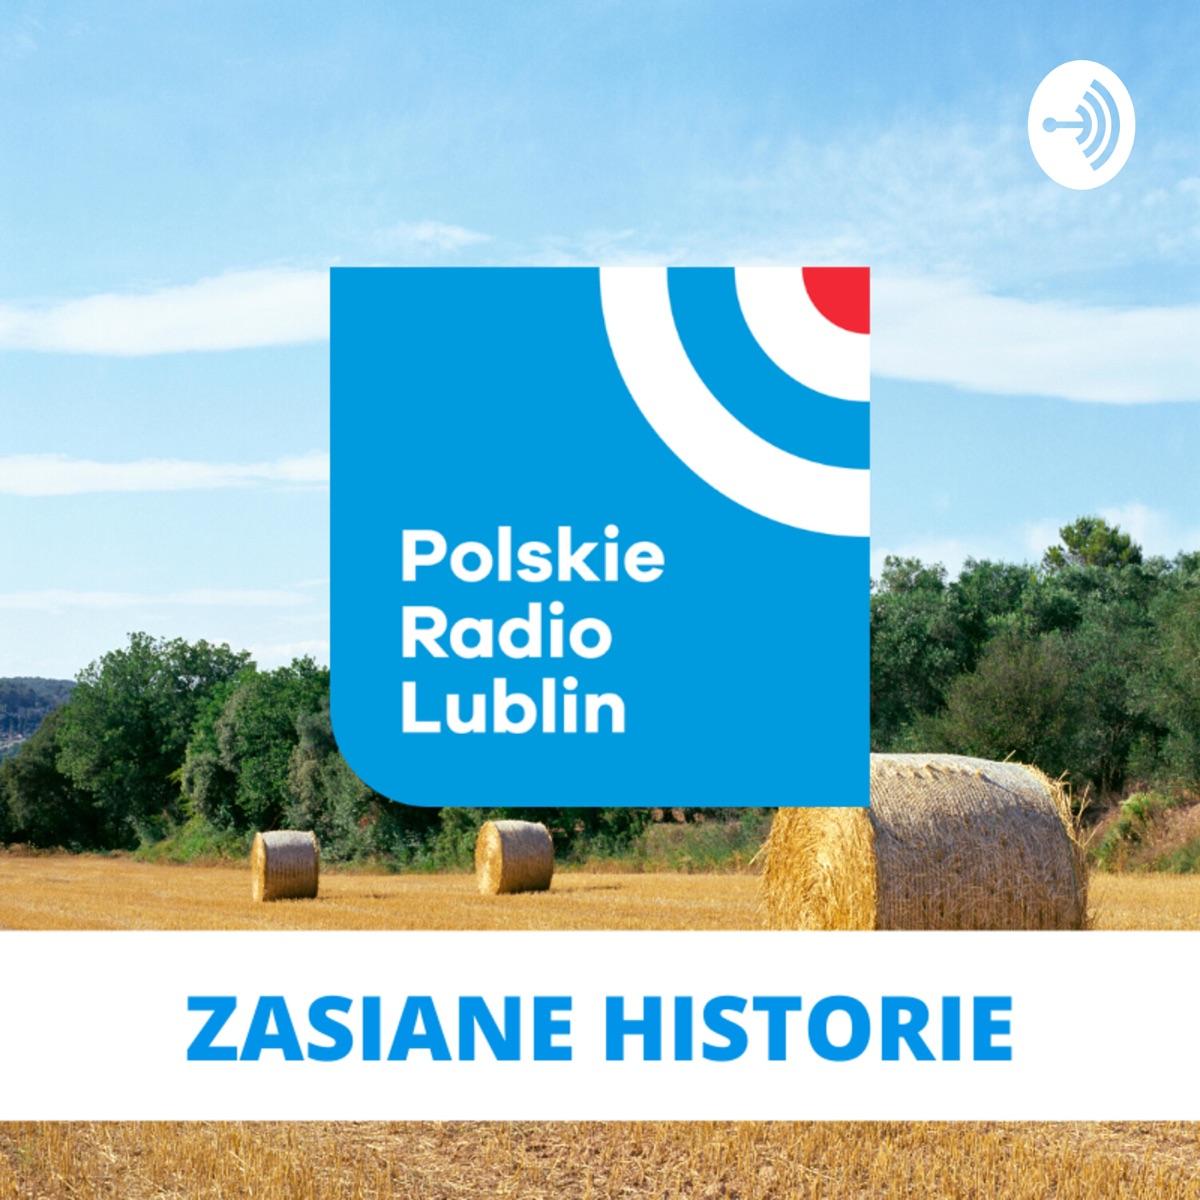 Zasiane historie w Radiu Lublin